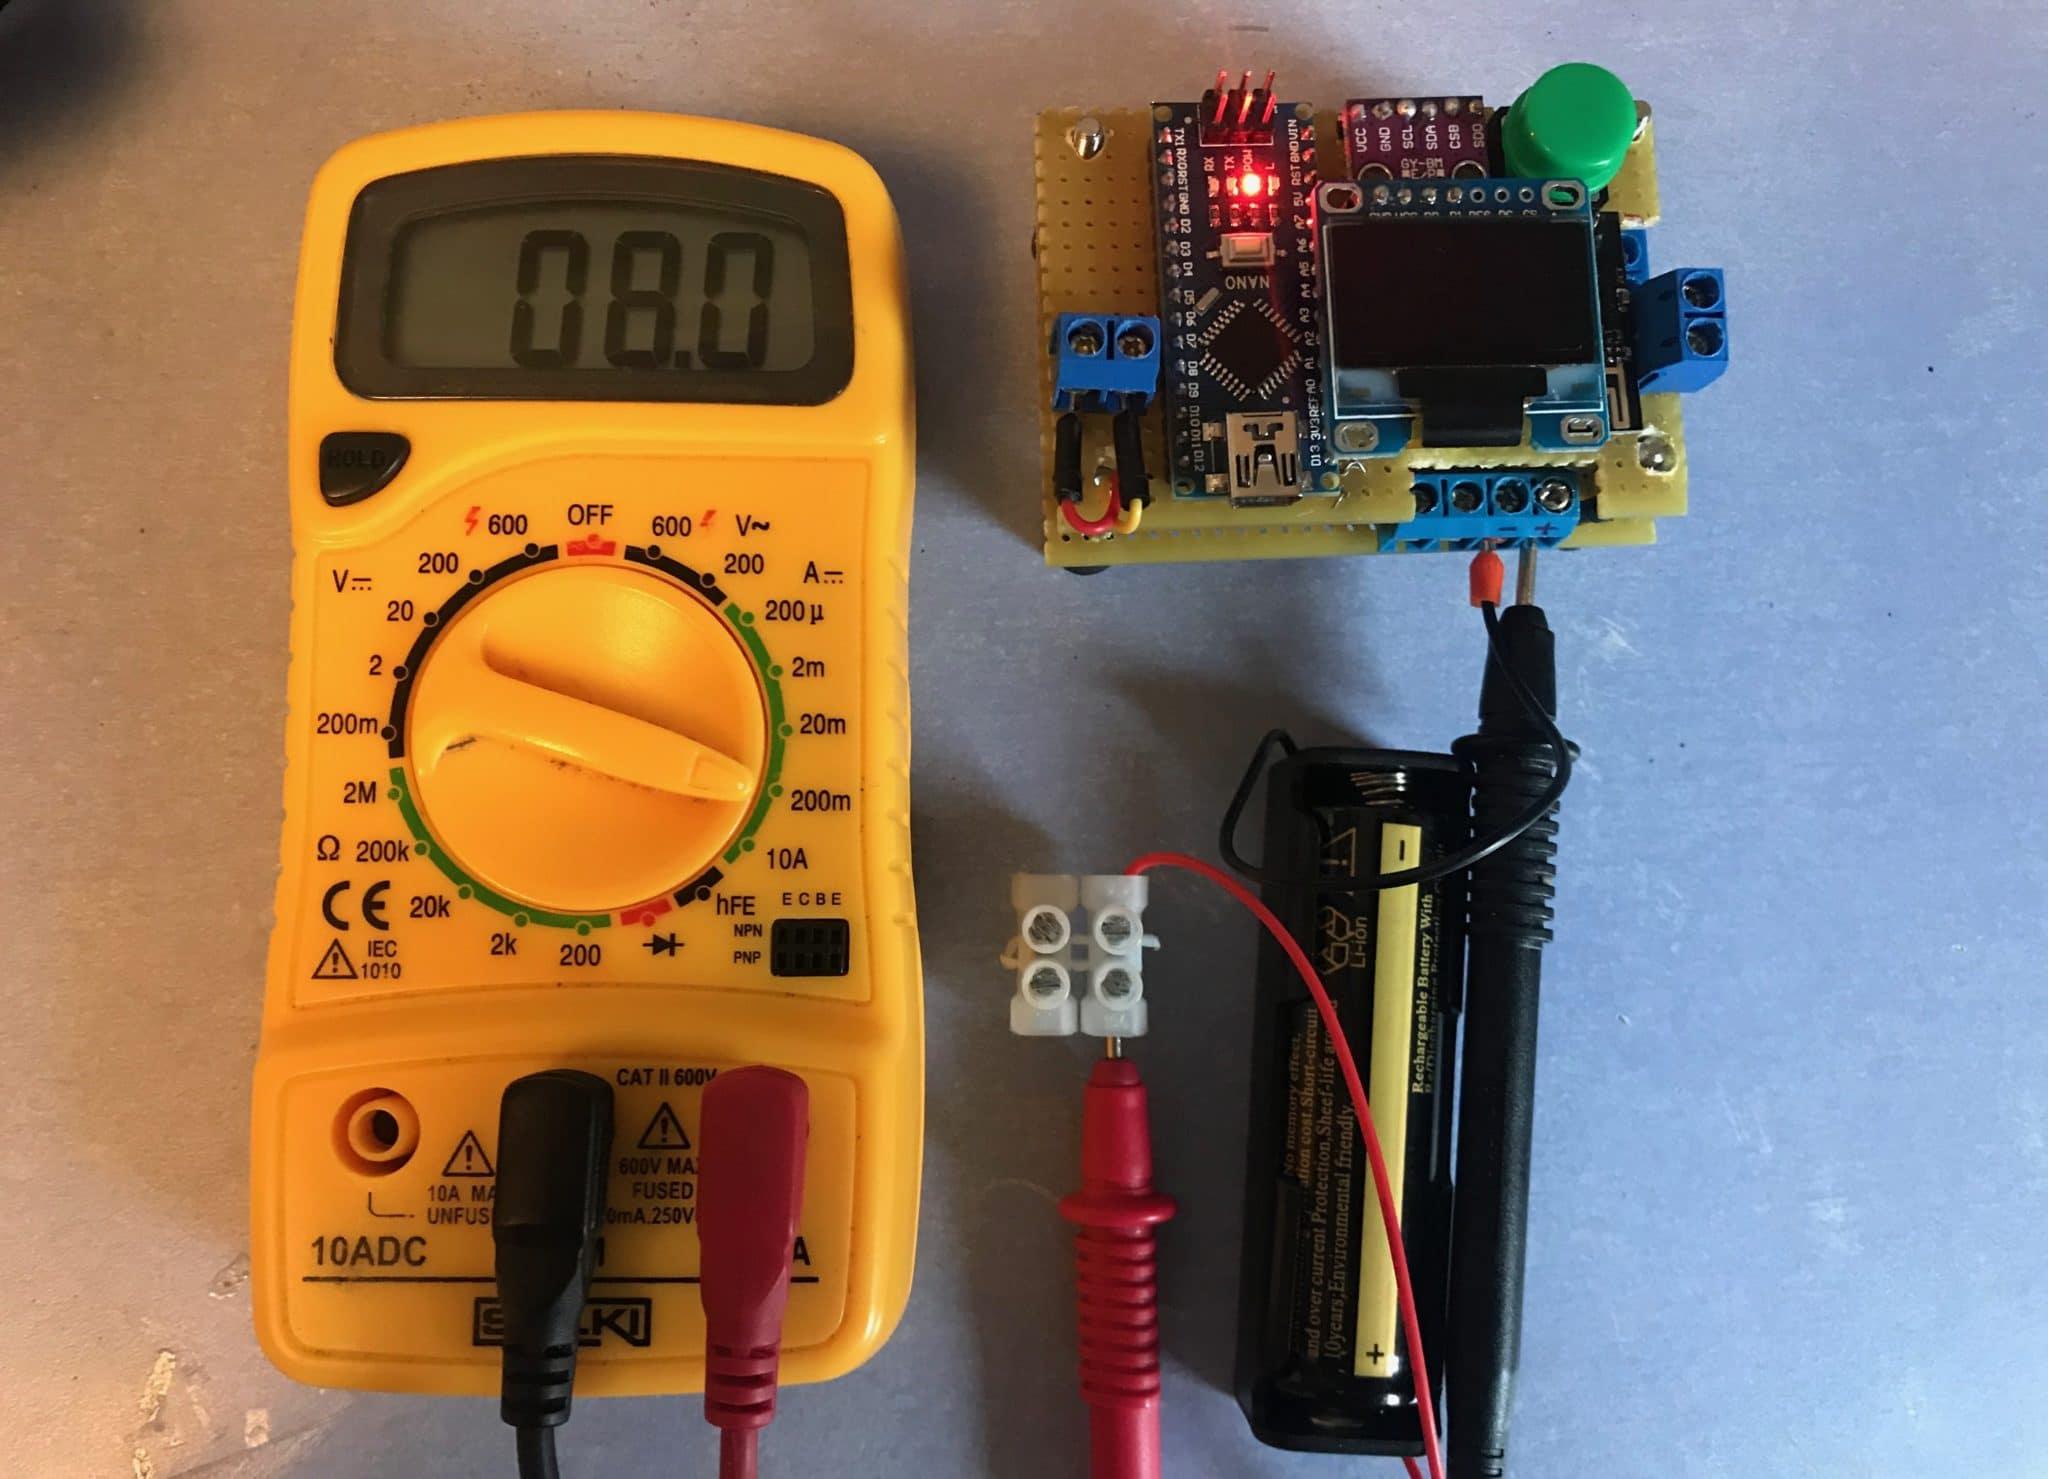 ESP8266-01 Arduino, consumo